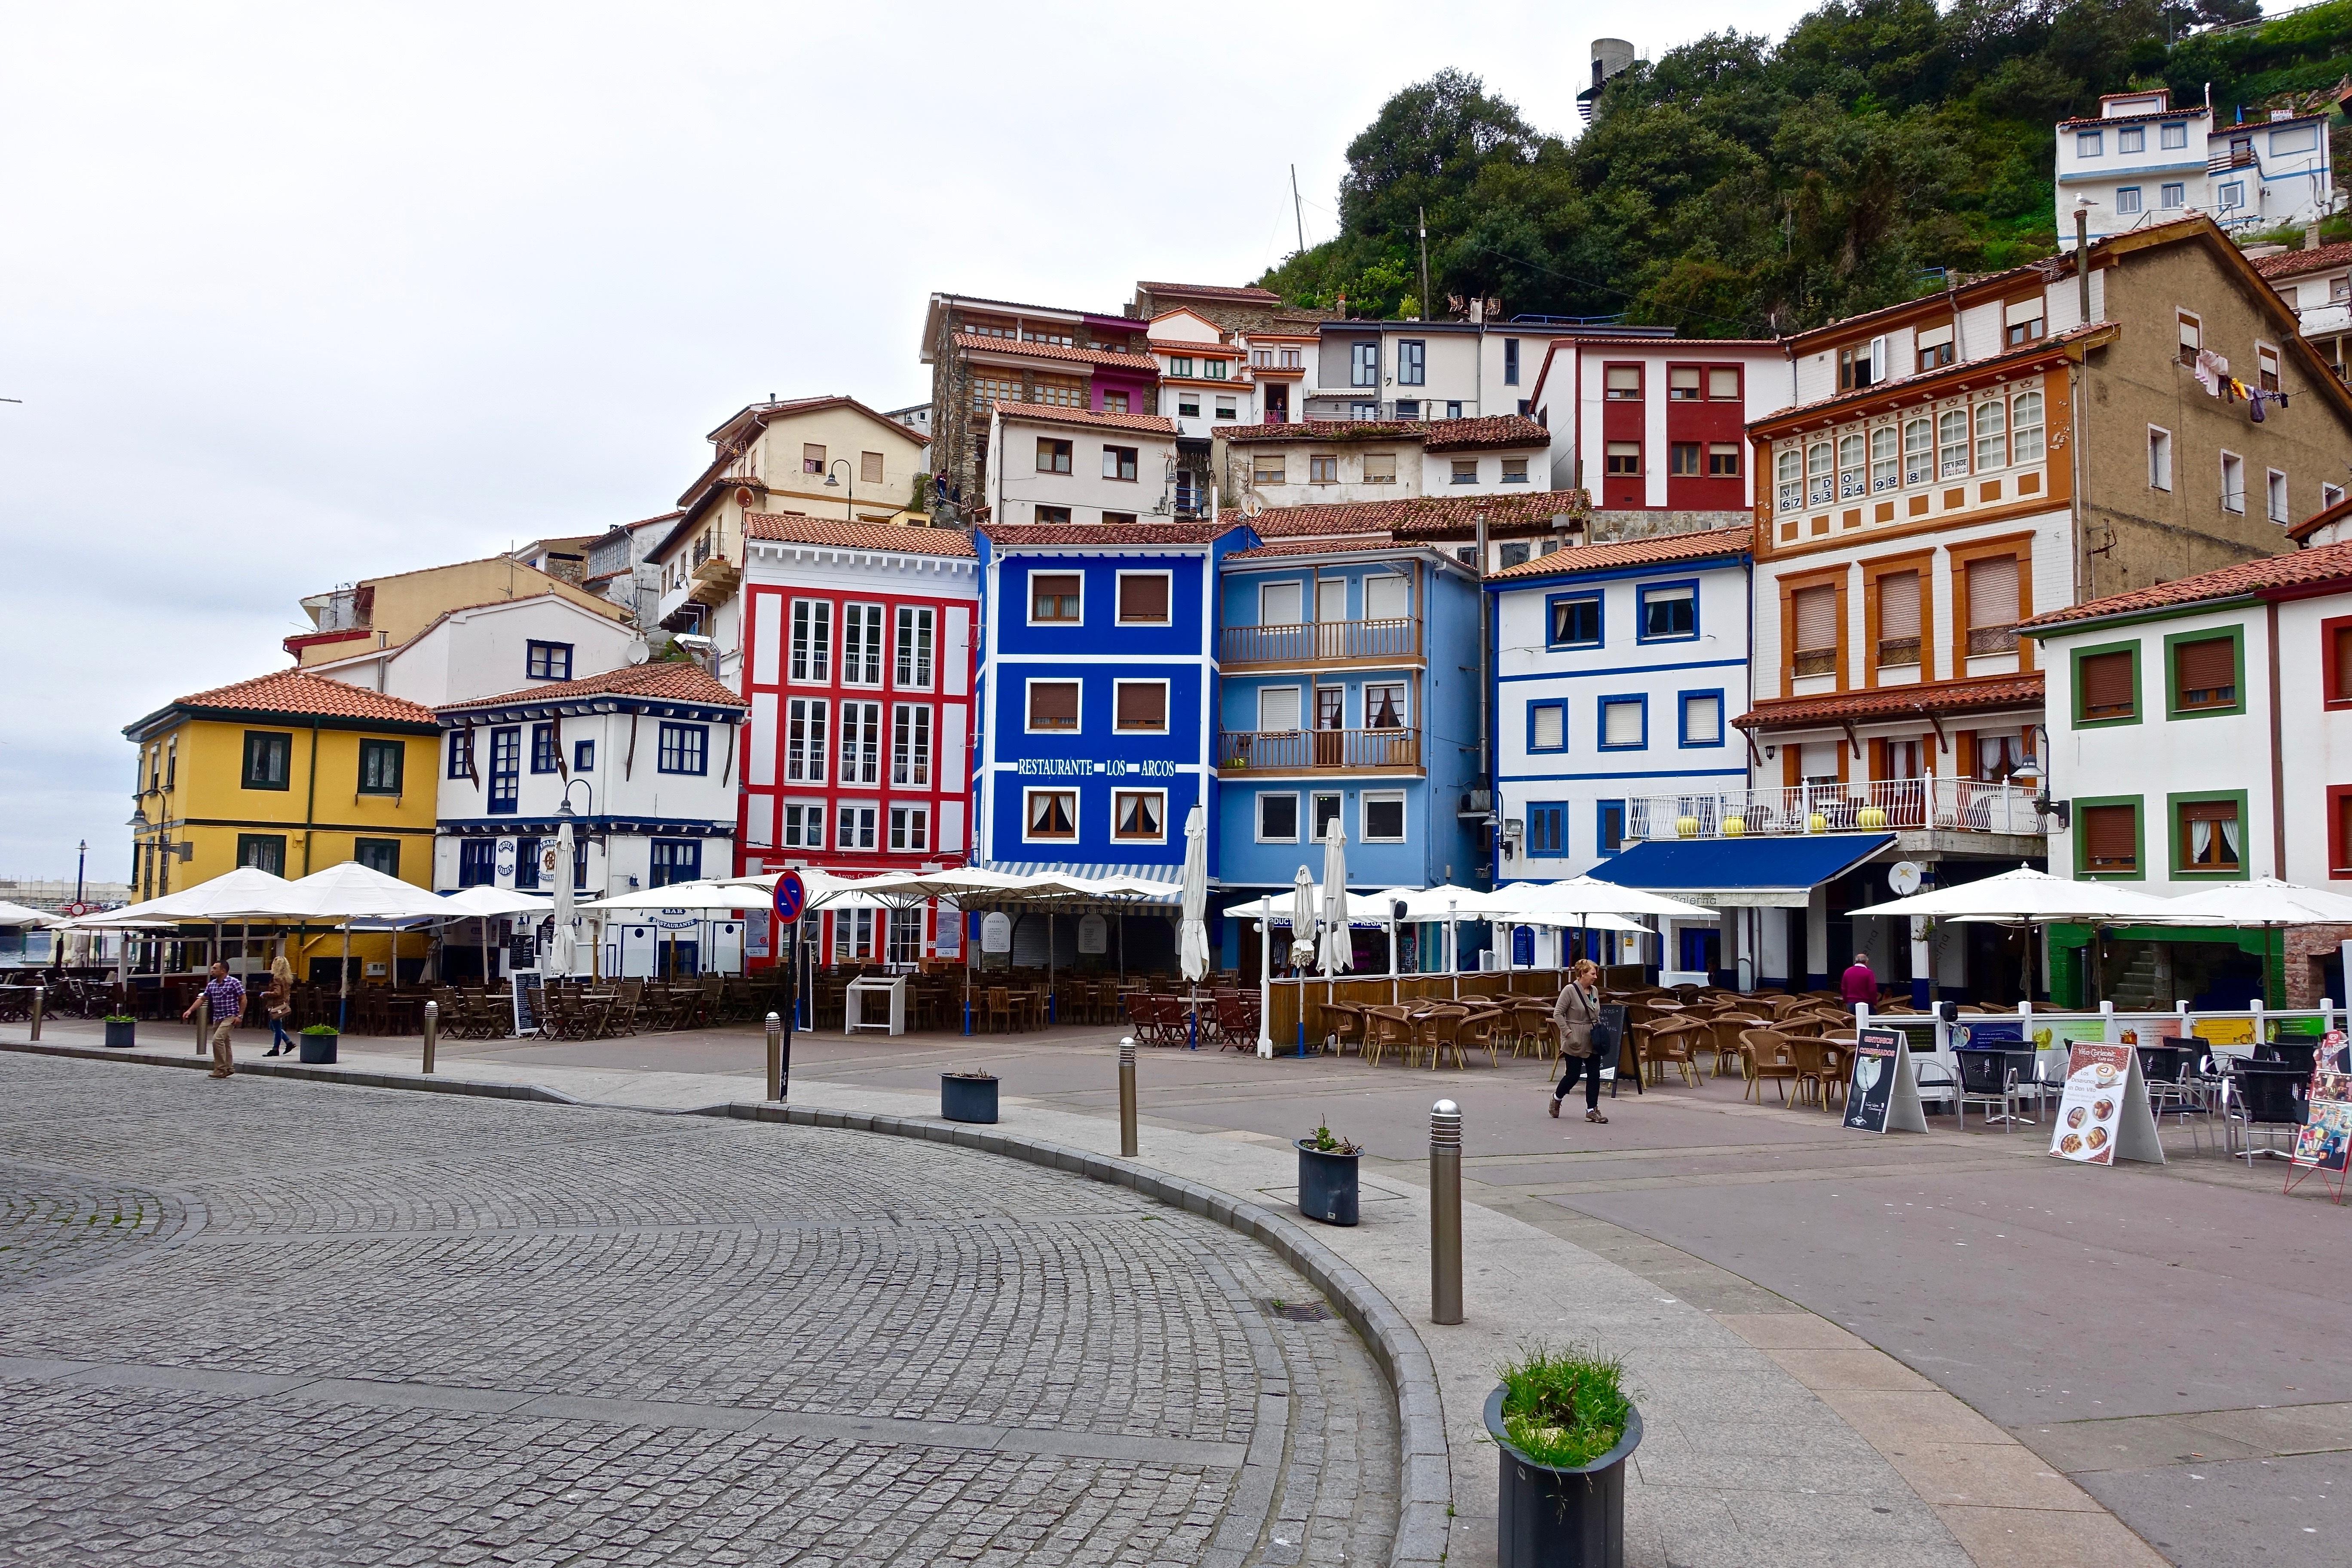 Fotos gratis arquitectura paseo mar timo la carretera - Casas gratis en pueblos de espana ...